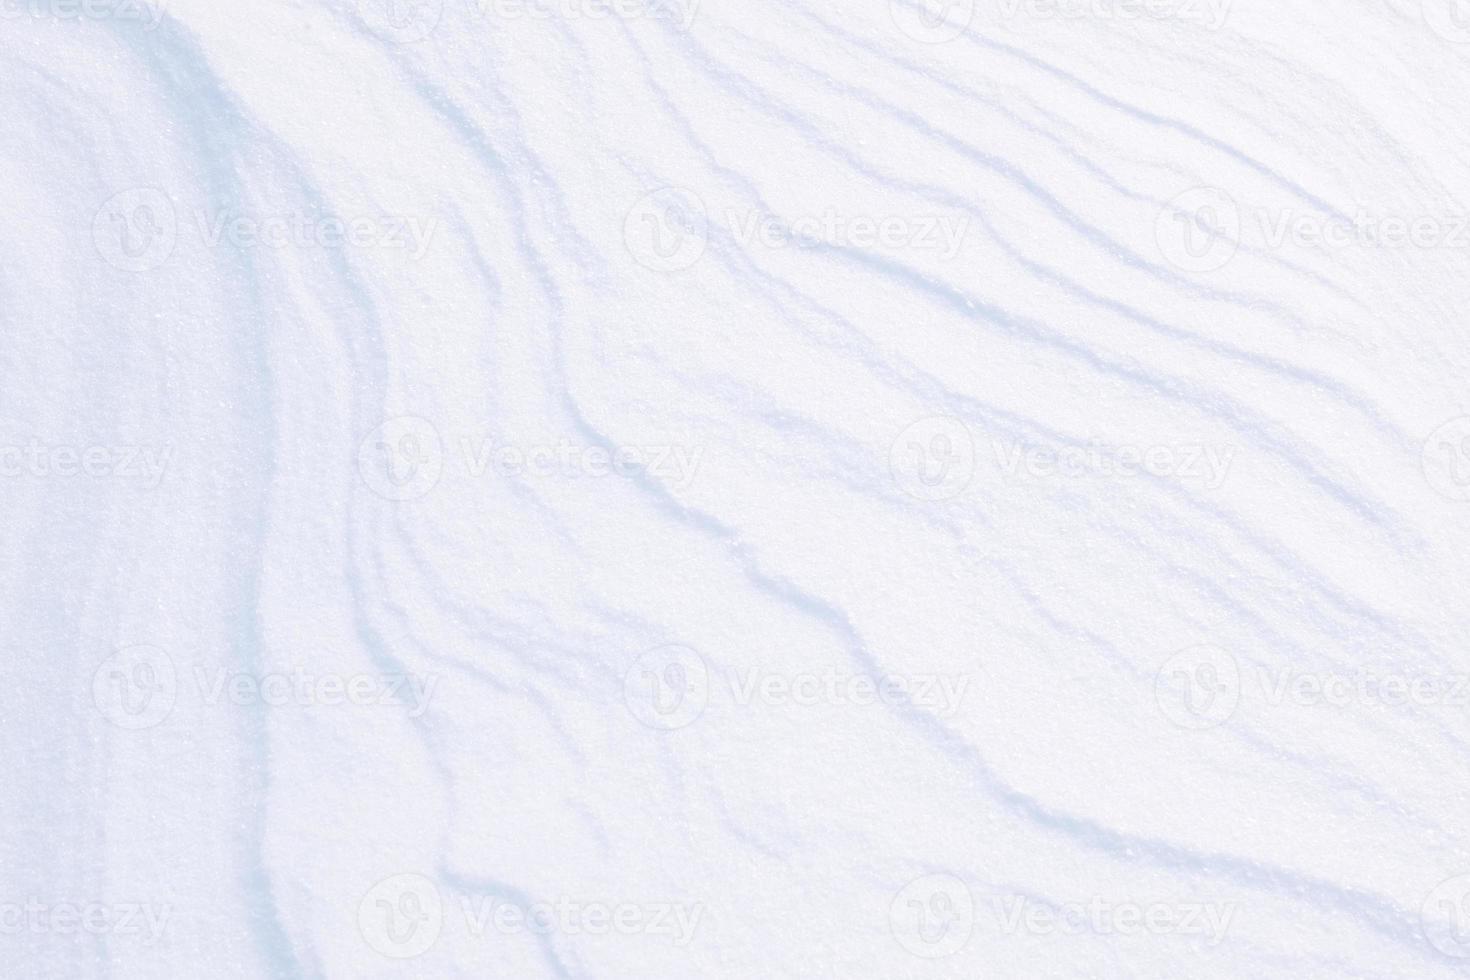 struttura pulita della neve bianca fatta di cristalli di ghiaccio foto